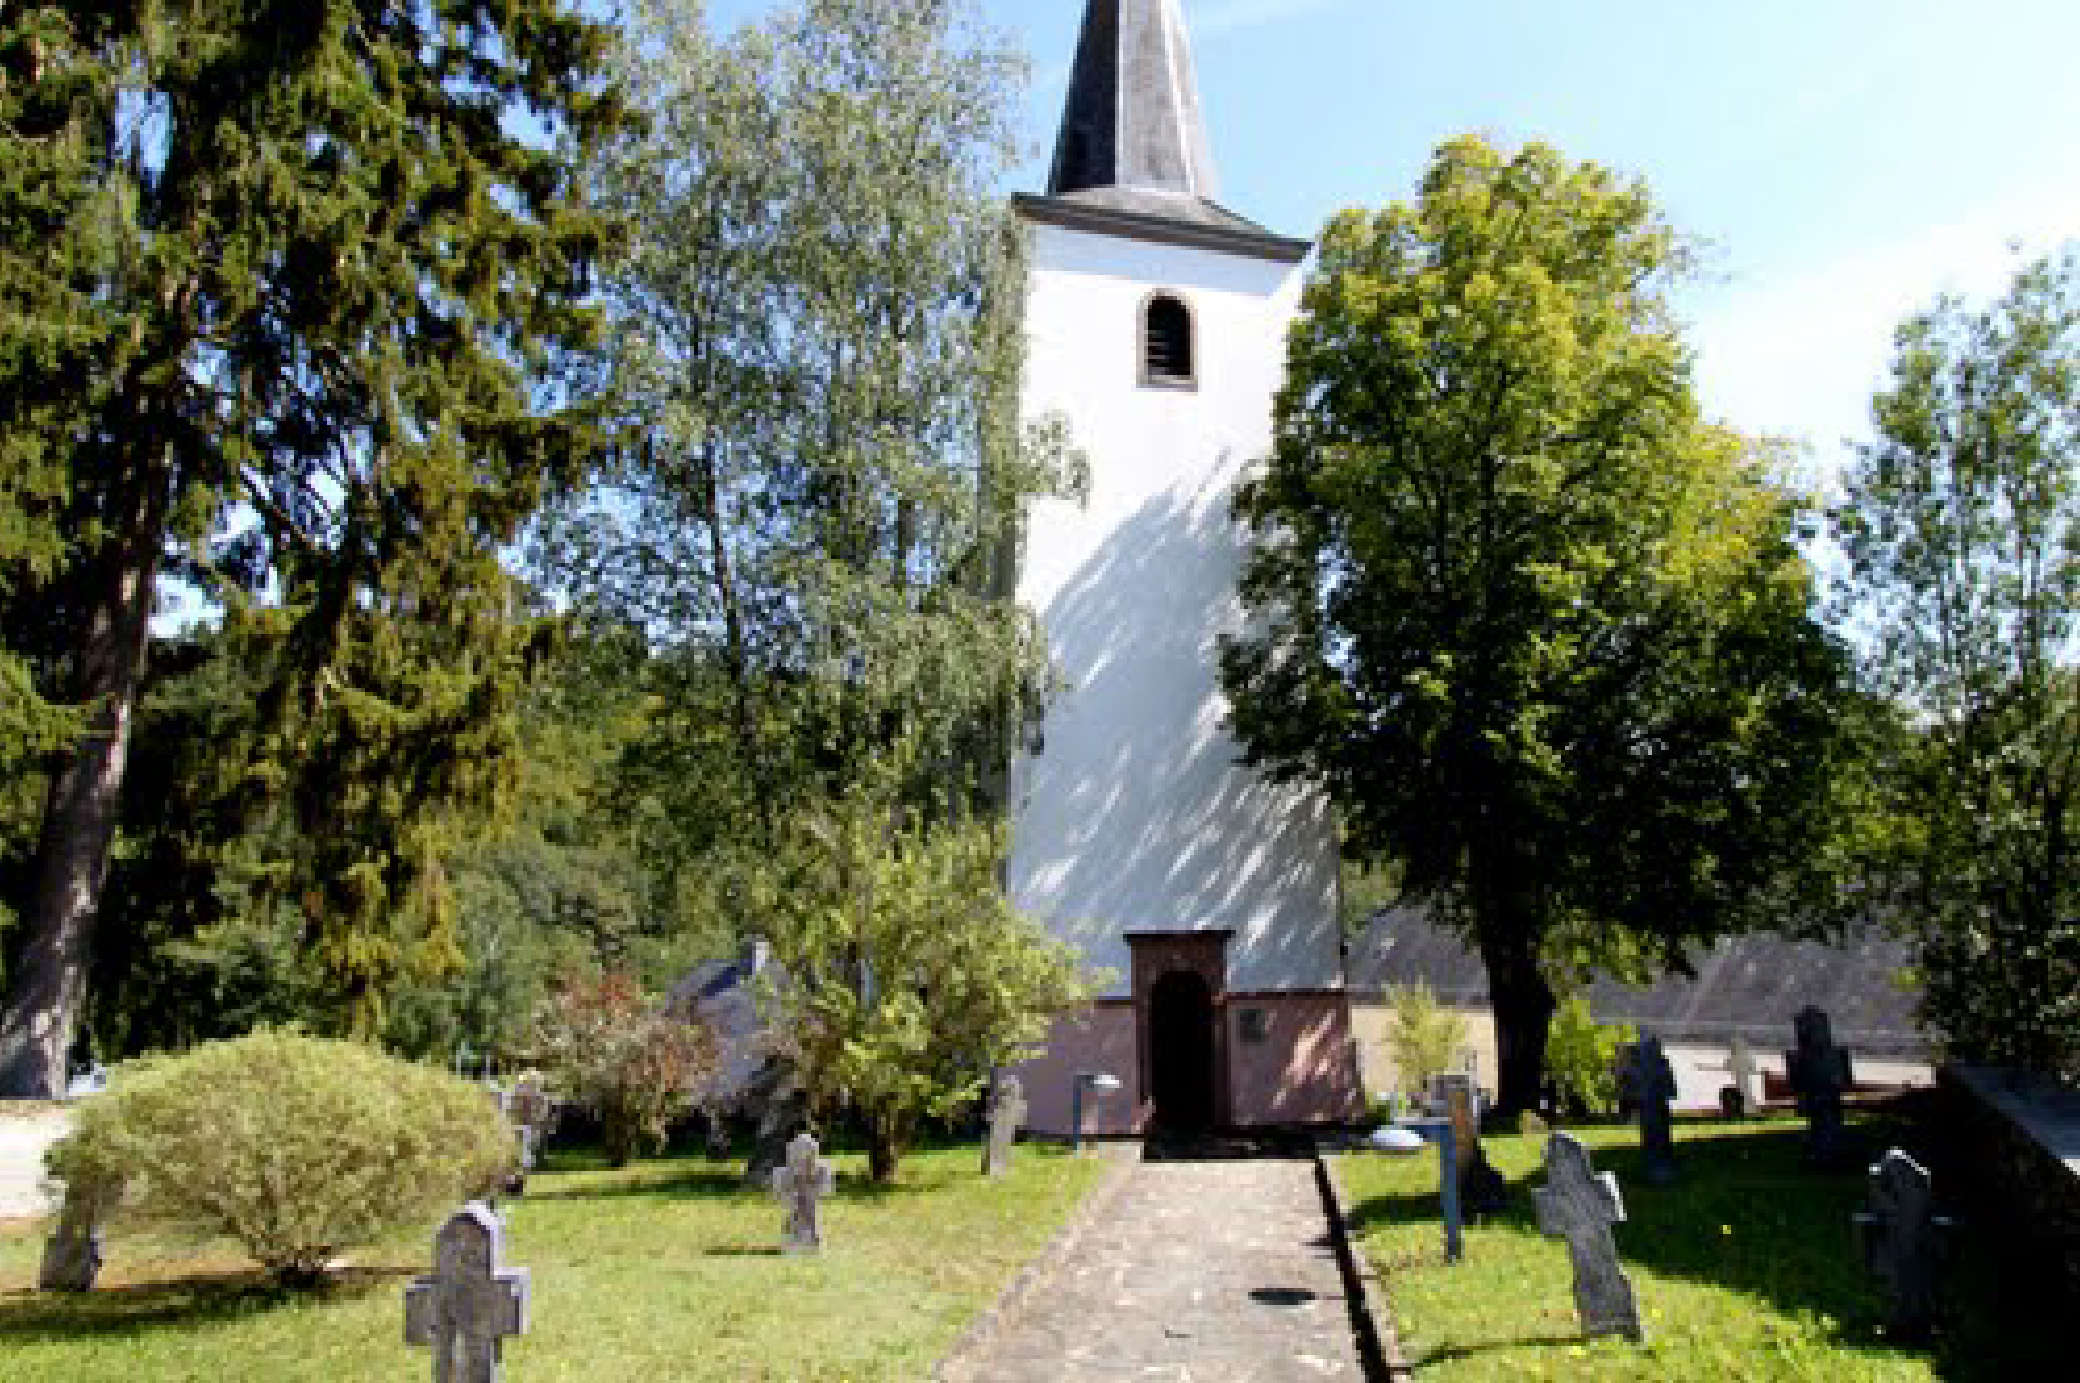 Kirche Eglise Church Bavigne